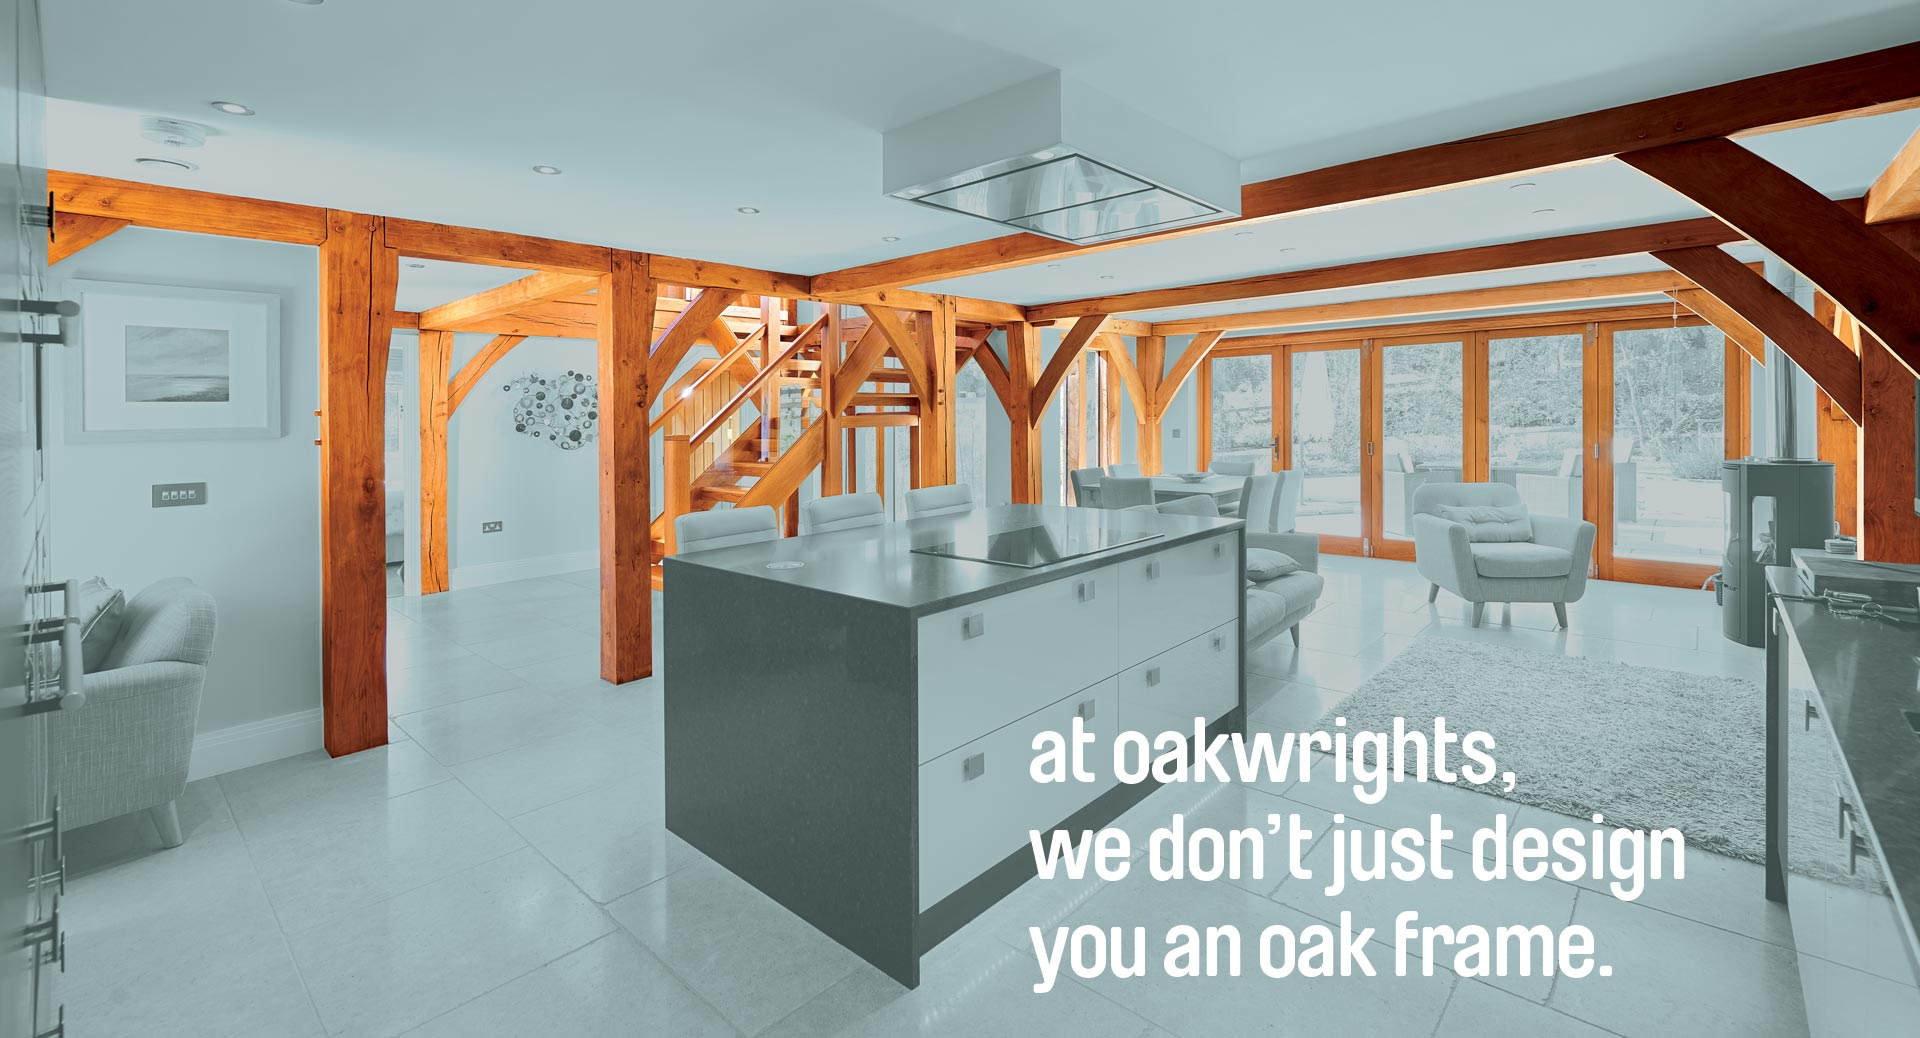 oakwrights advertising